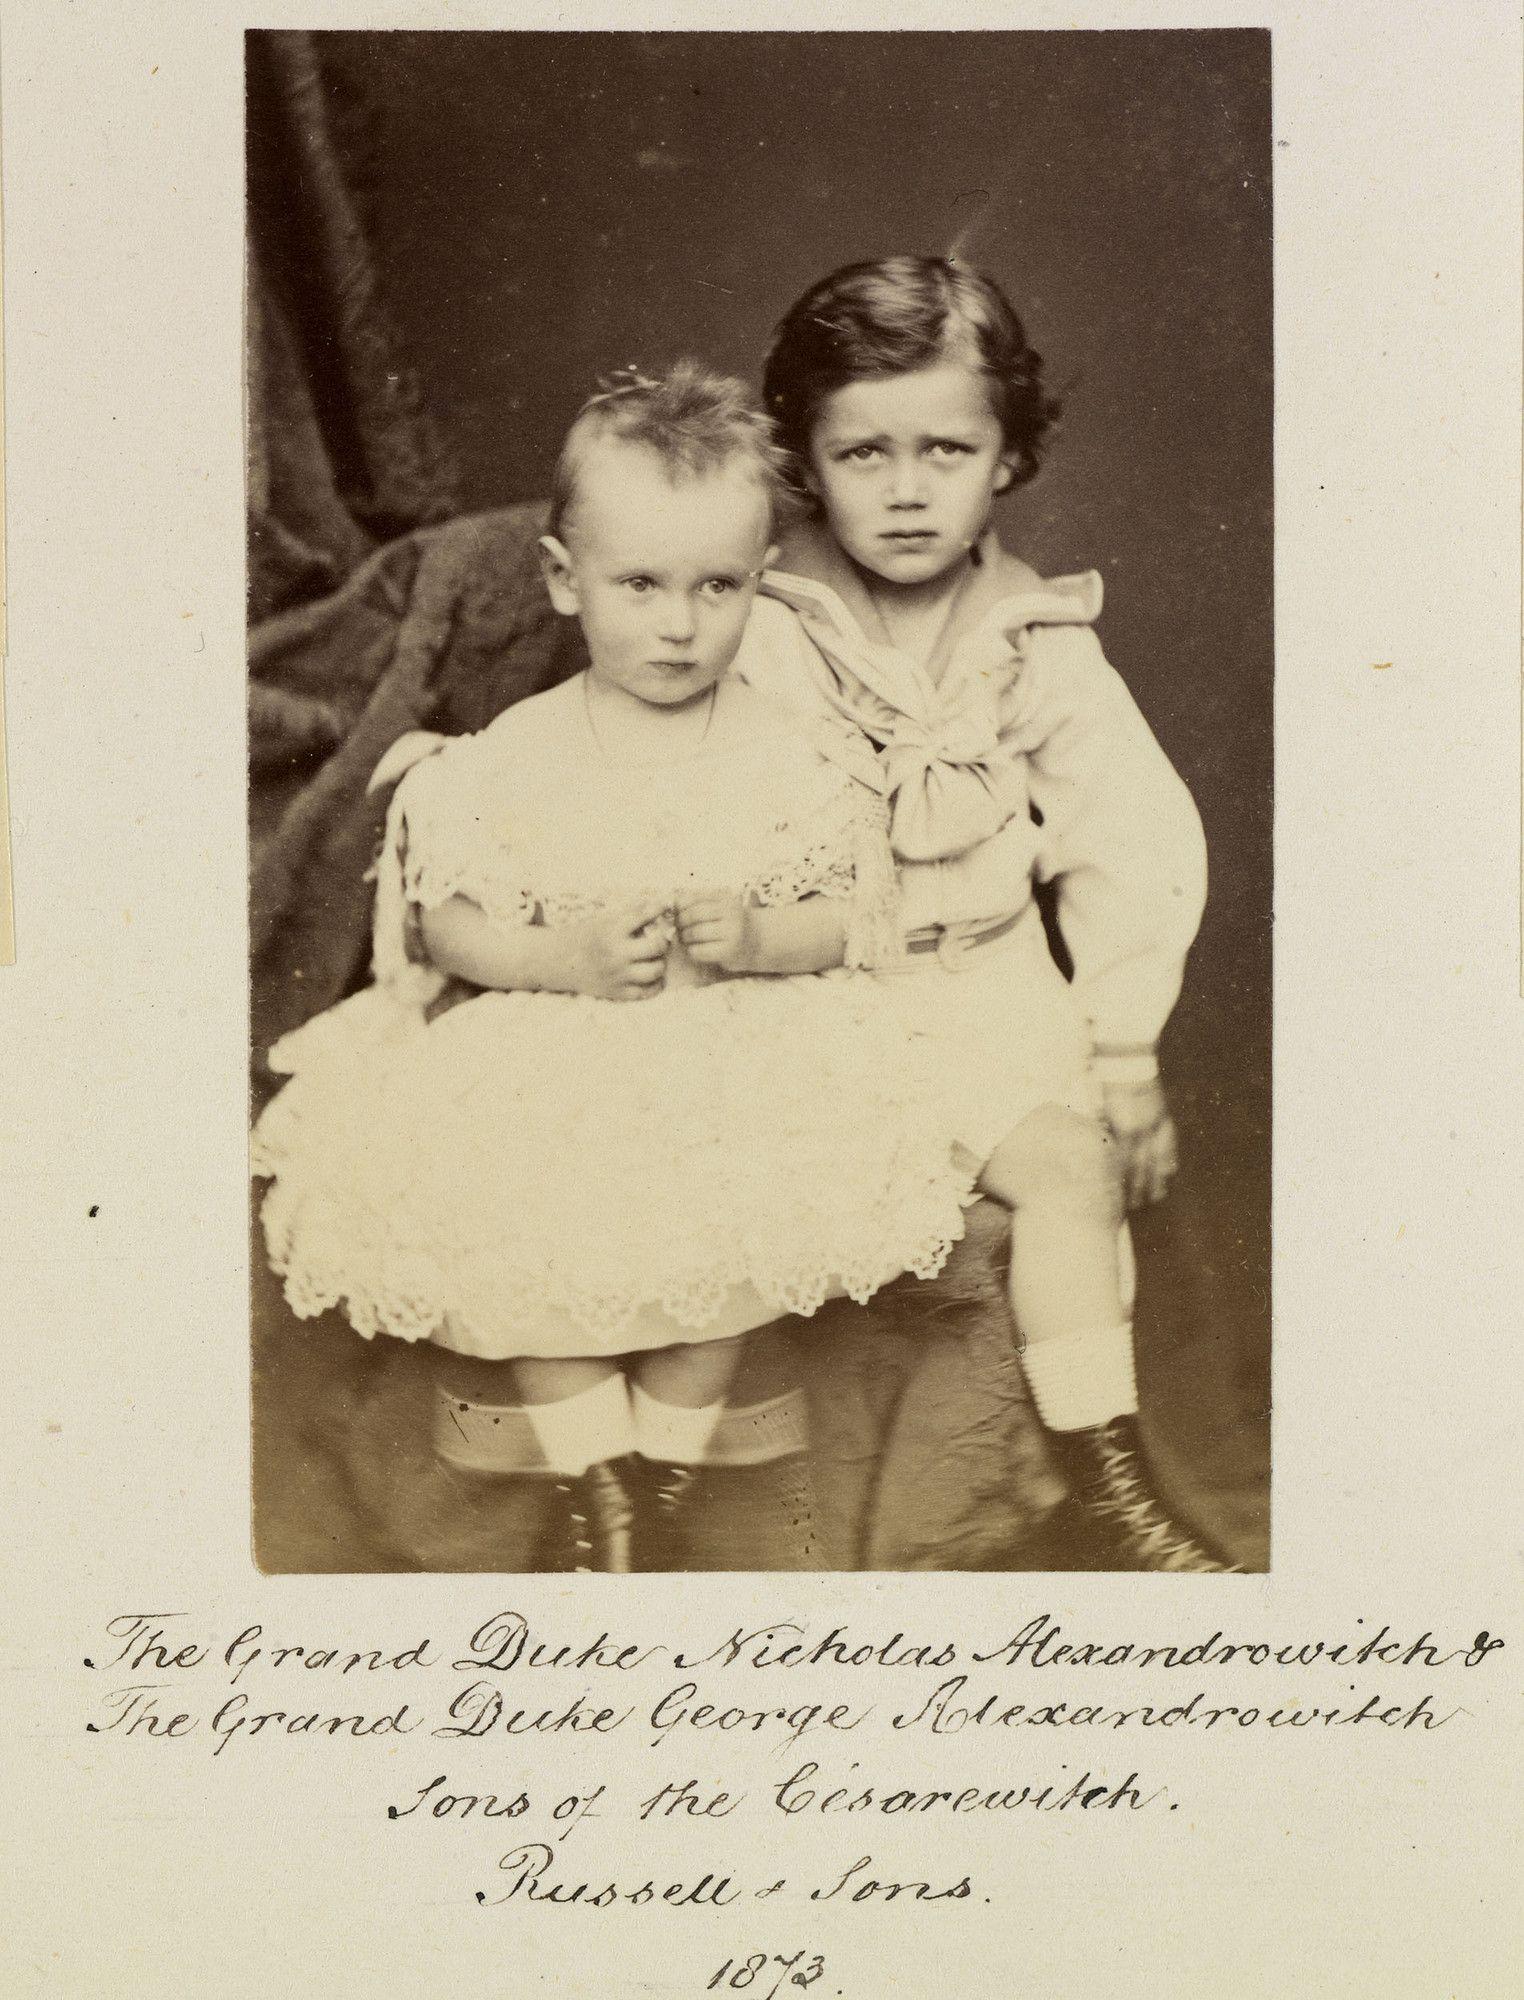 Grão-duque Nicolau Alexandrovich, mais tarde, Nicolau II, e Grão-Duque George Alexandrovich. Os dois meninos estão sentados lado a lado com o Grão-Duque George Alexandrovich à esquerda usando um vestido. Em 1873.